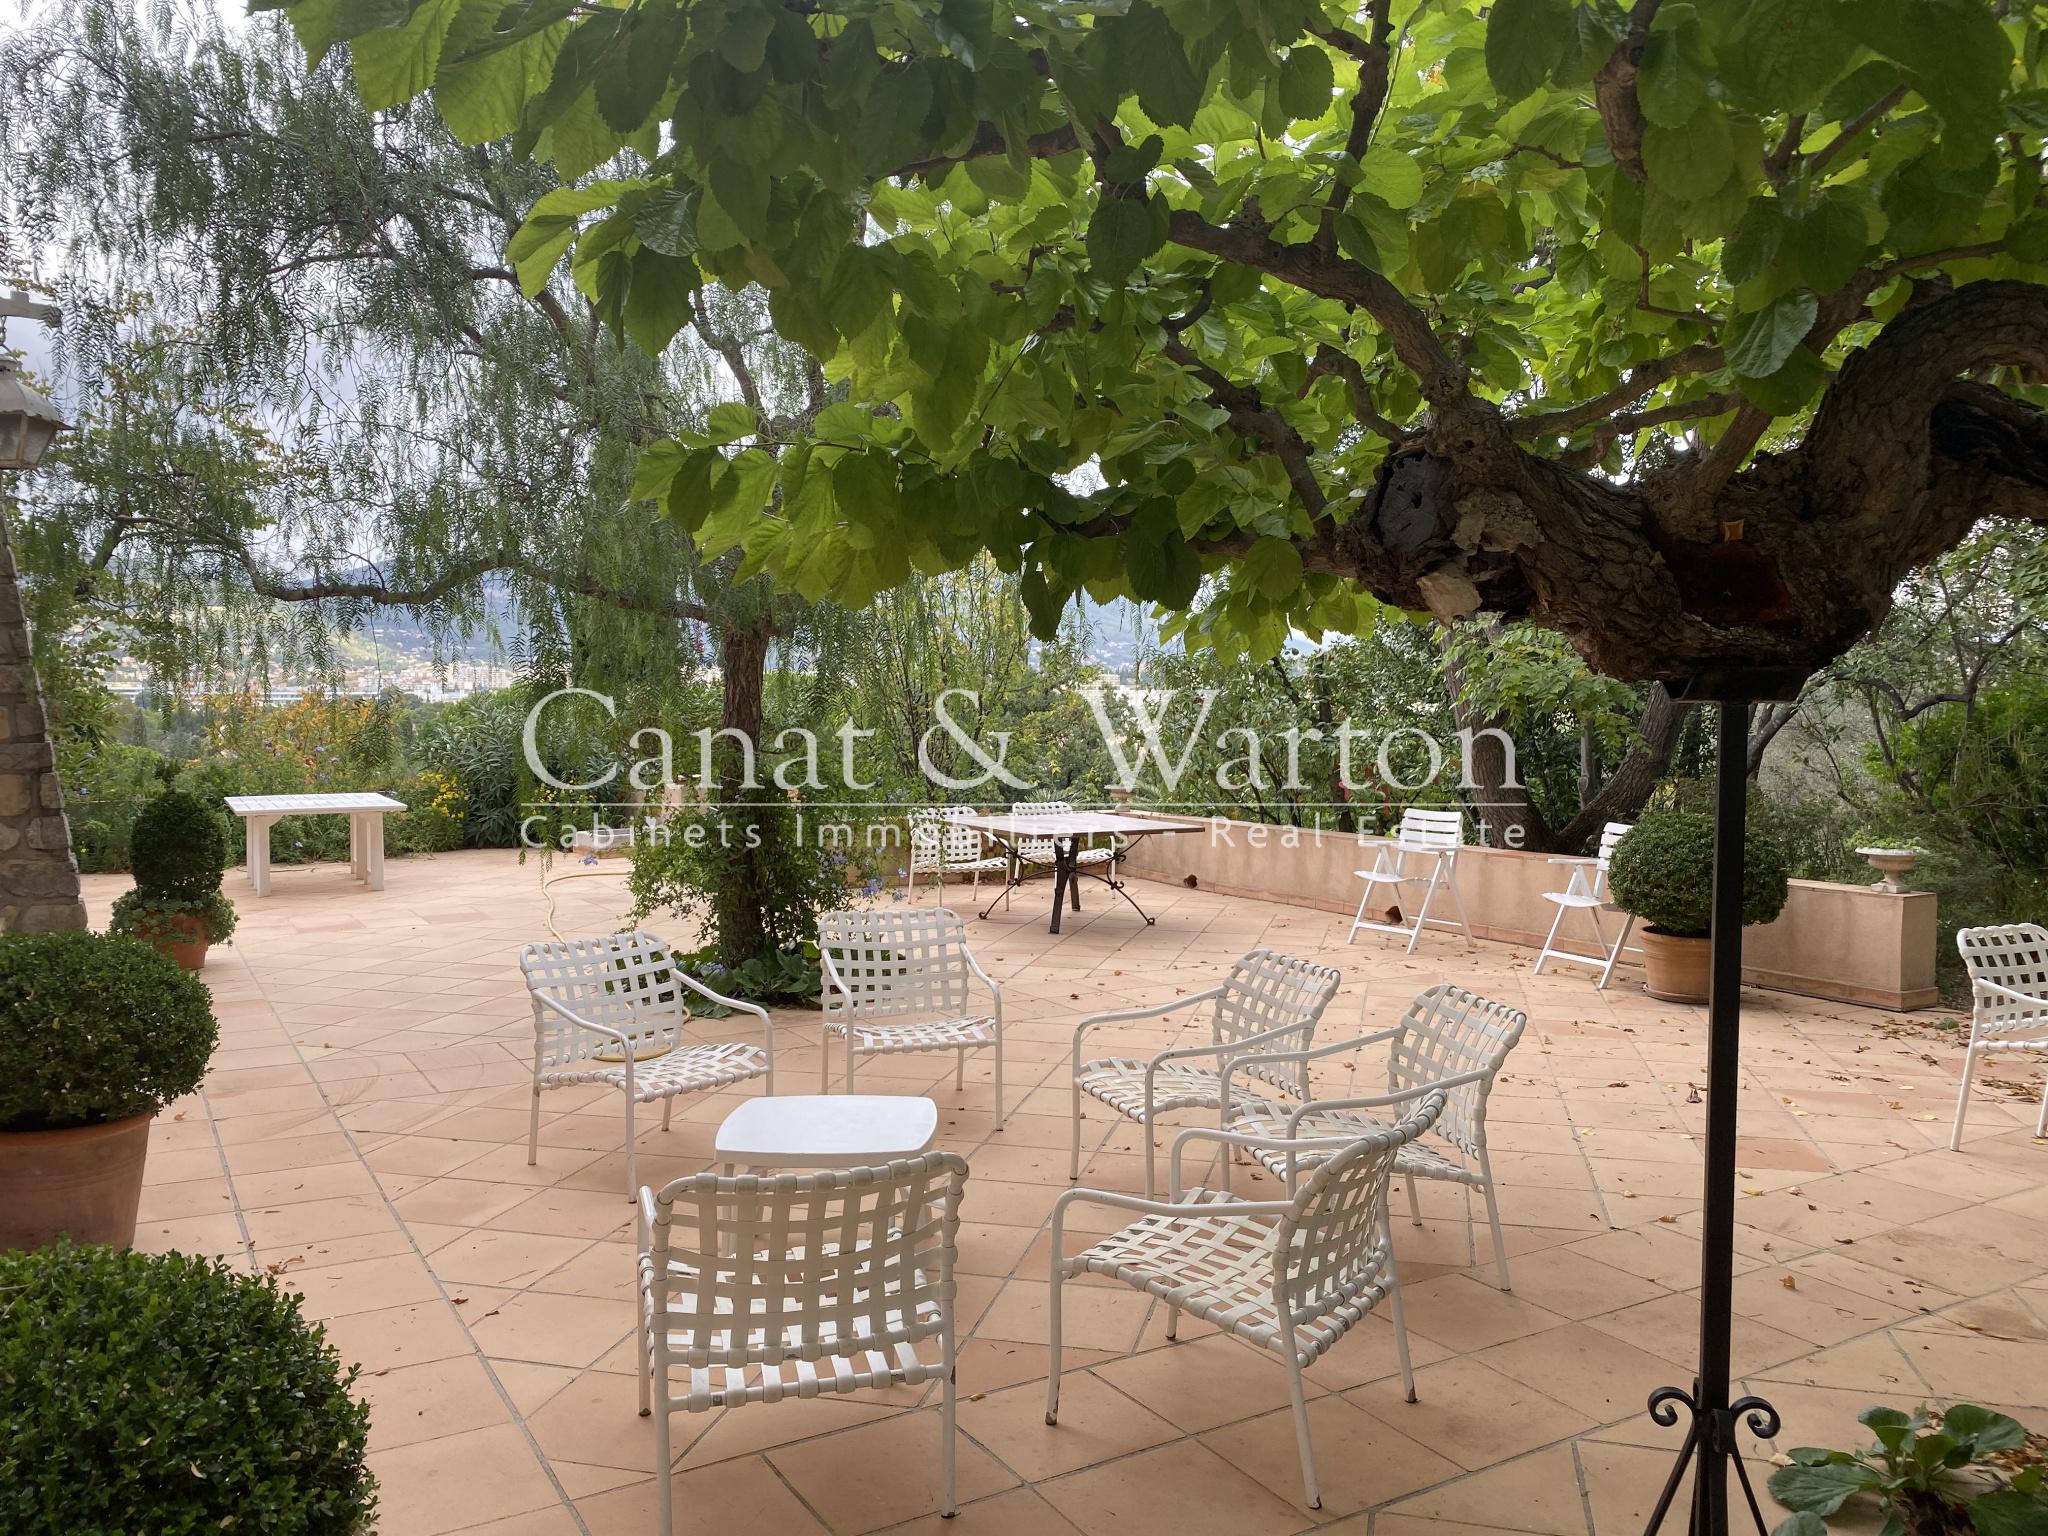 Vente Grande Maison Familiale 8 chambres Toulon Cap Brun Toulon - maison / villa à vendre Toulon